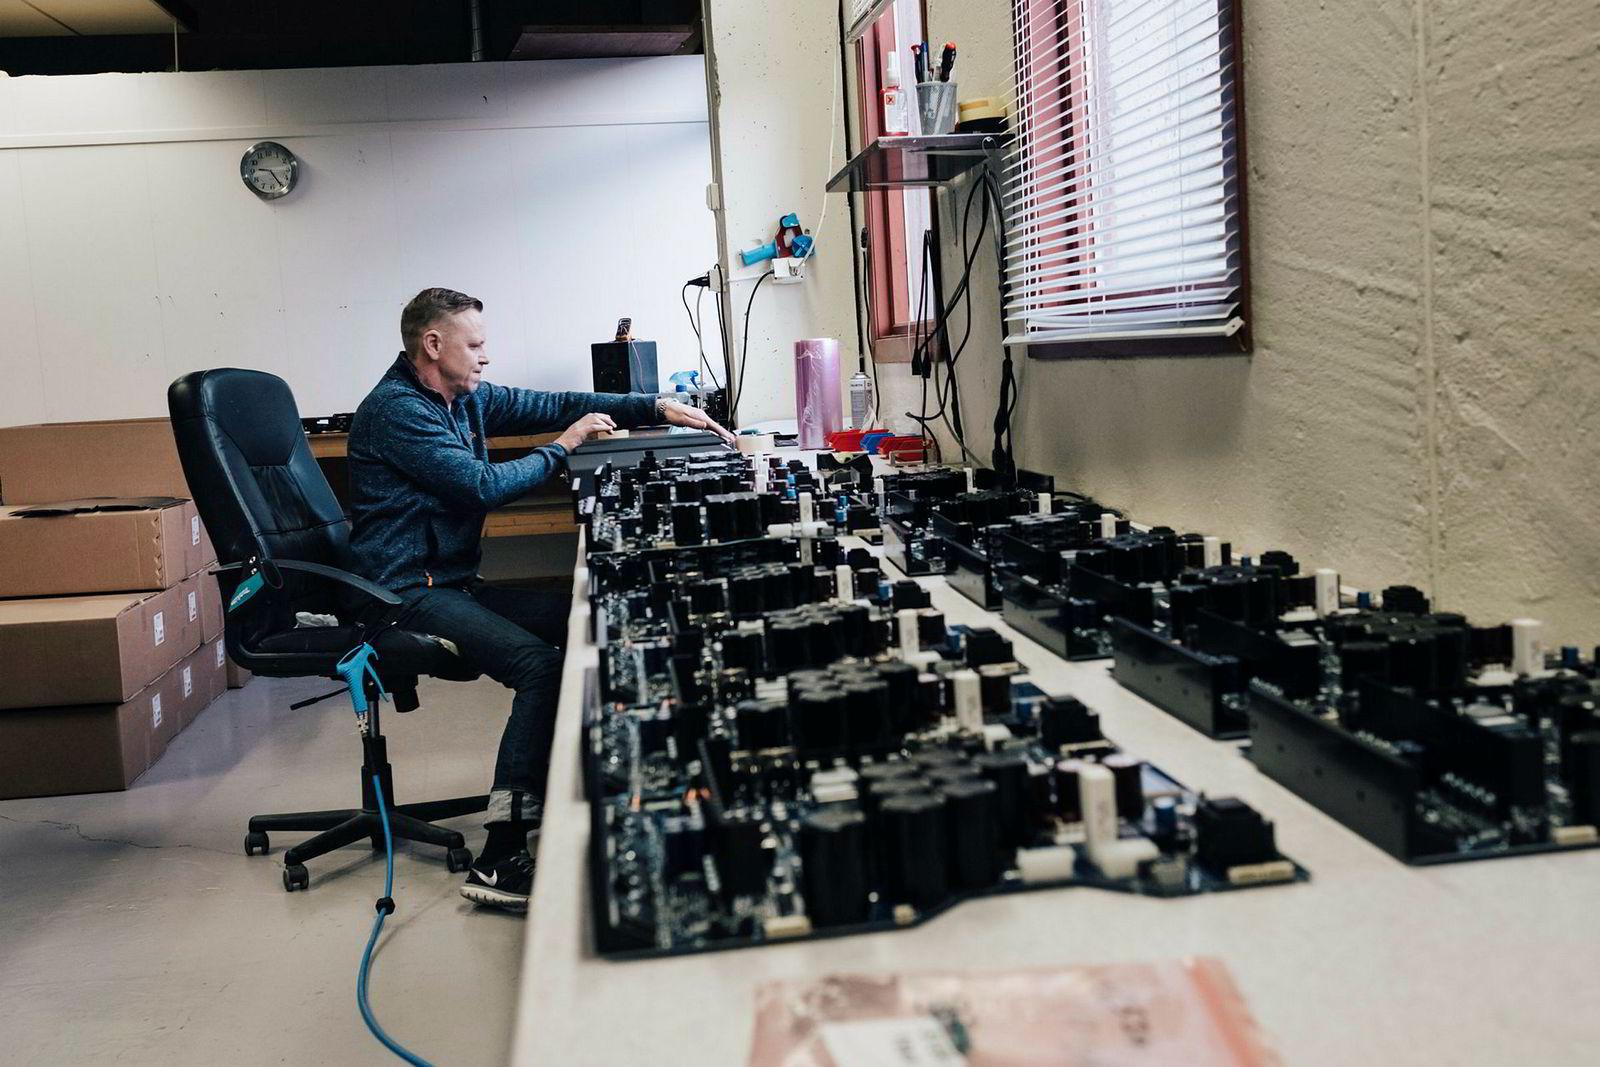 Fortsatt produseres også de tradisjonelle supereksklusive, håndlagede Electrocompaniet-forsterkerne. Valdas Ladauskas fra Litauen har vært ti år i Norge og gjør samme jobben som før fjorårets konkurs.